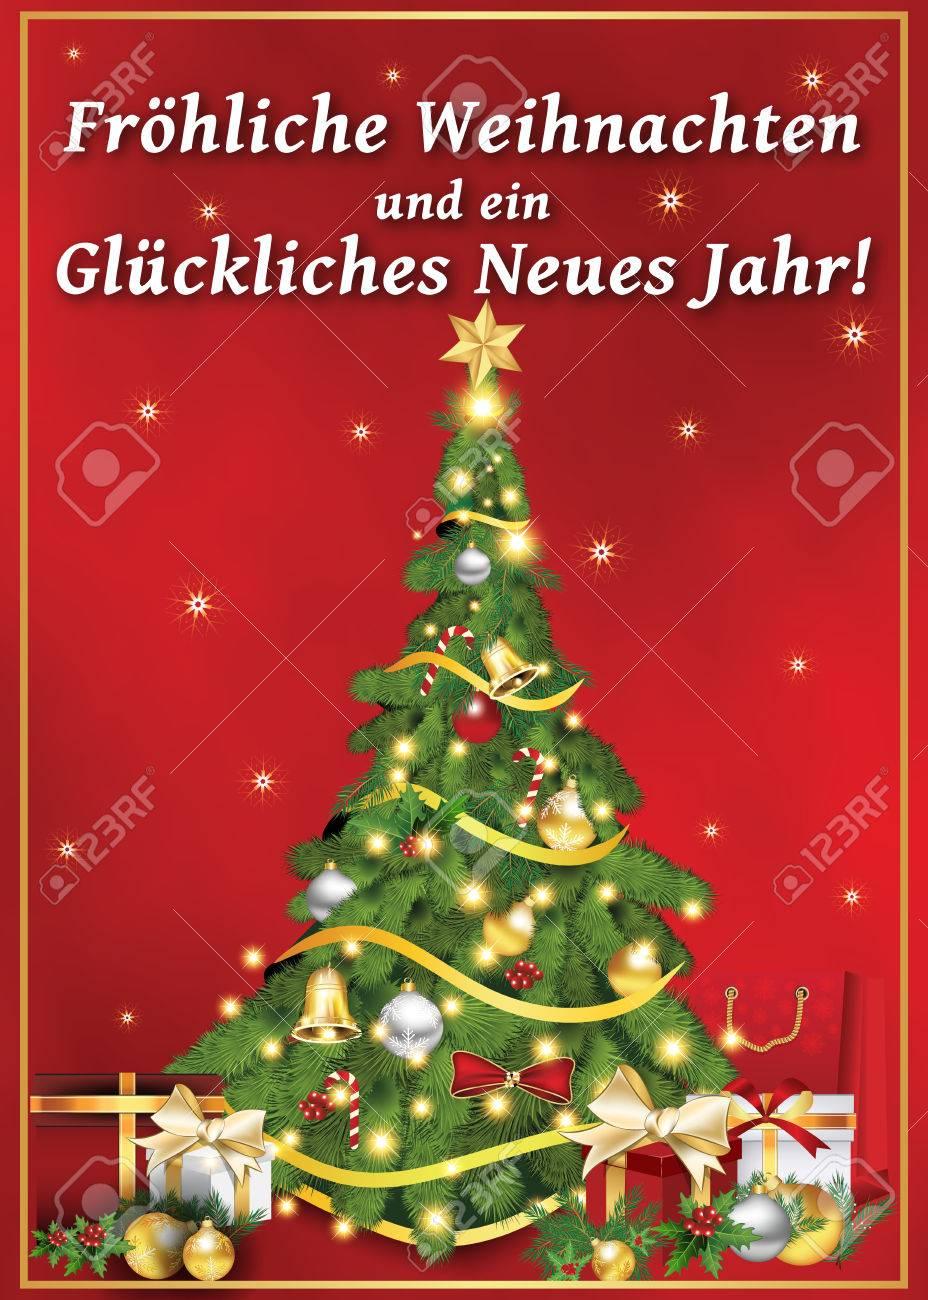 Joyeux Noel Et Nouvel An.Frohliche Weihnachten Und Gluckliches Neues Jahr Carte De Voeux Allemande Pour Noel Et Nouvel An Joyeux Noel Et Bonne Annee Couleurs